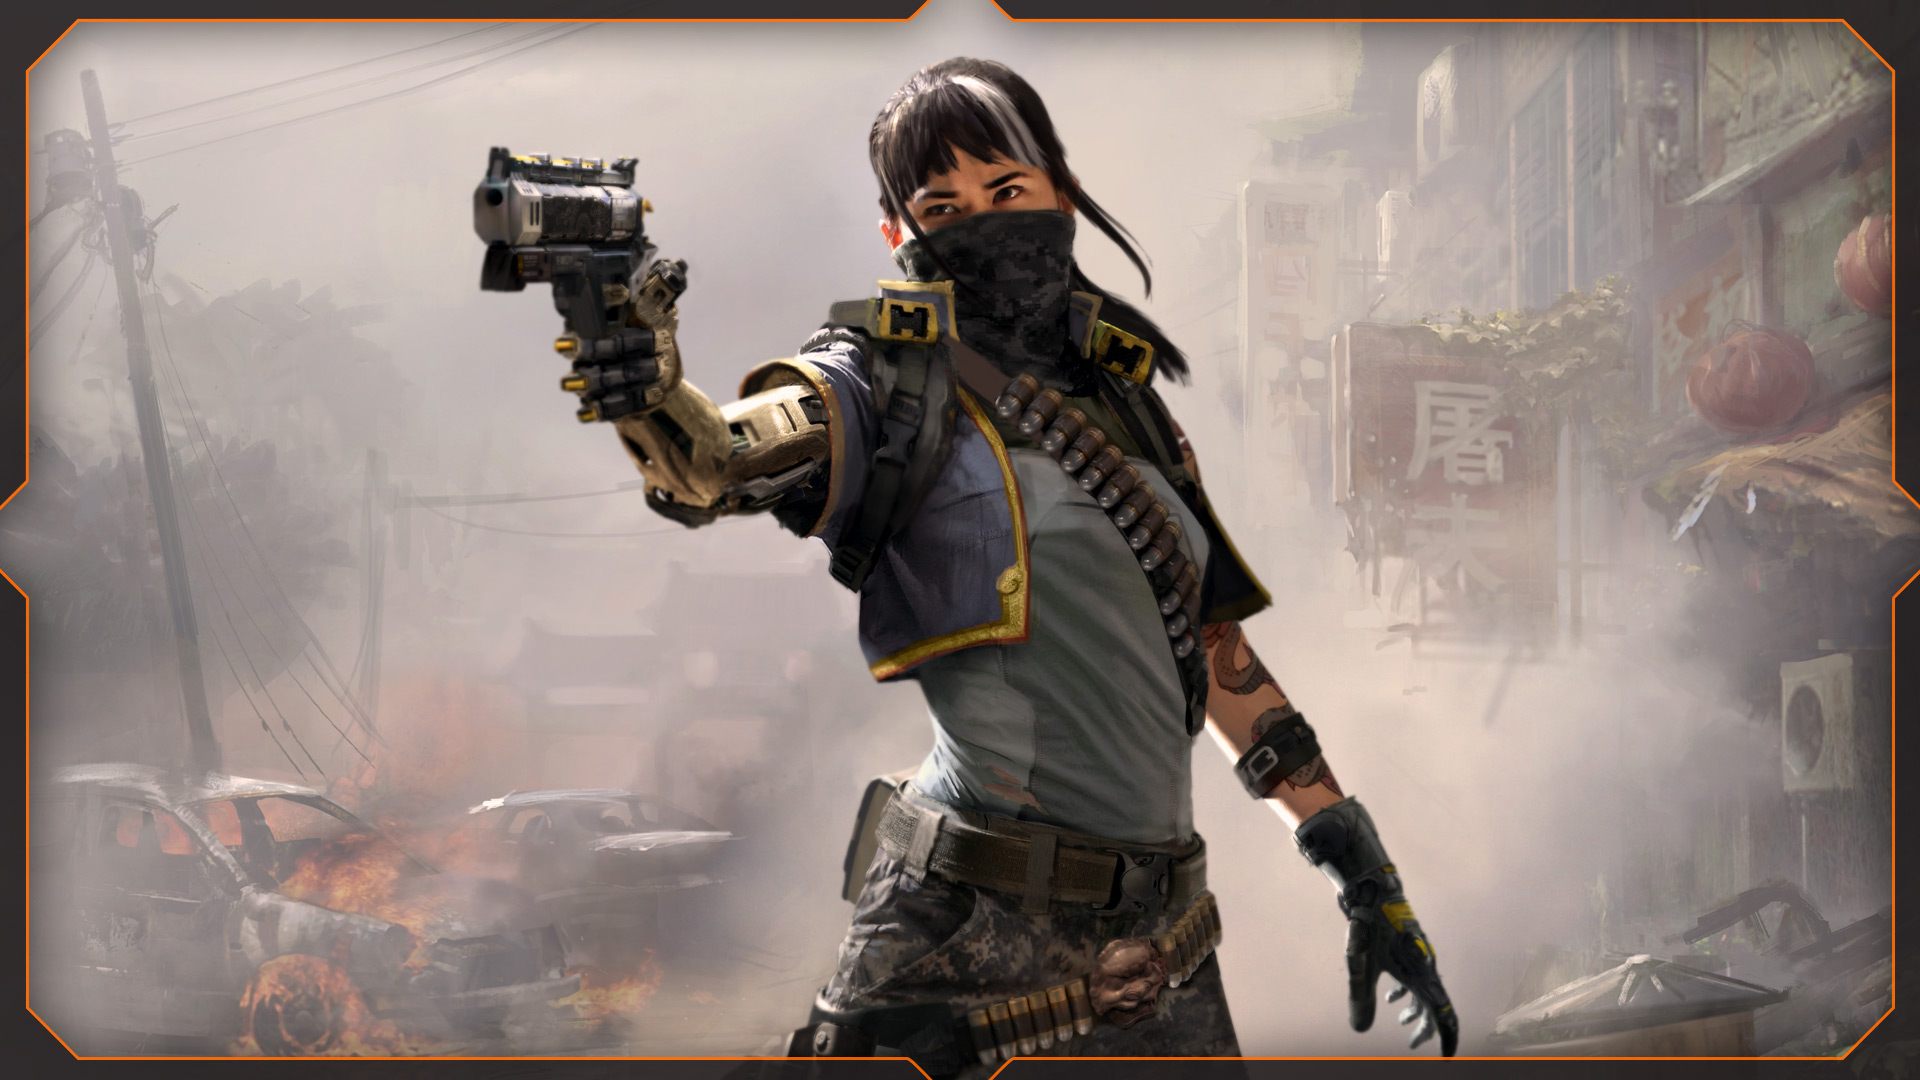 Showcase :: Call of Duty: Black Ops III